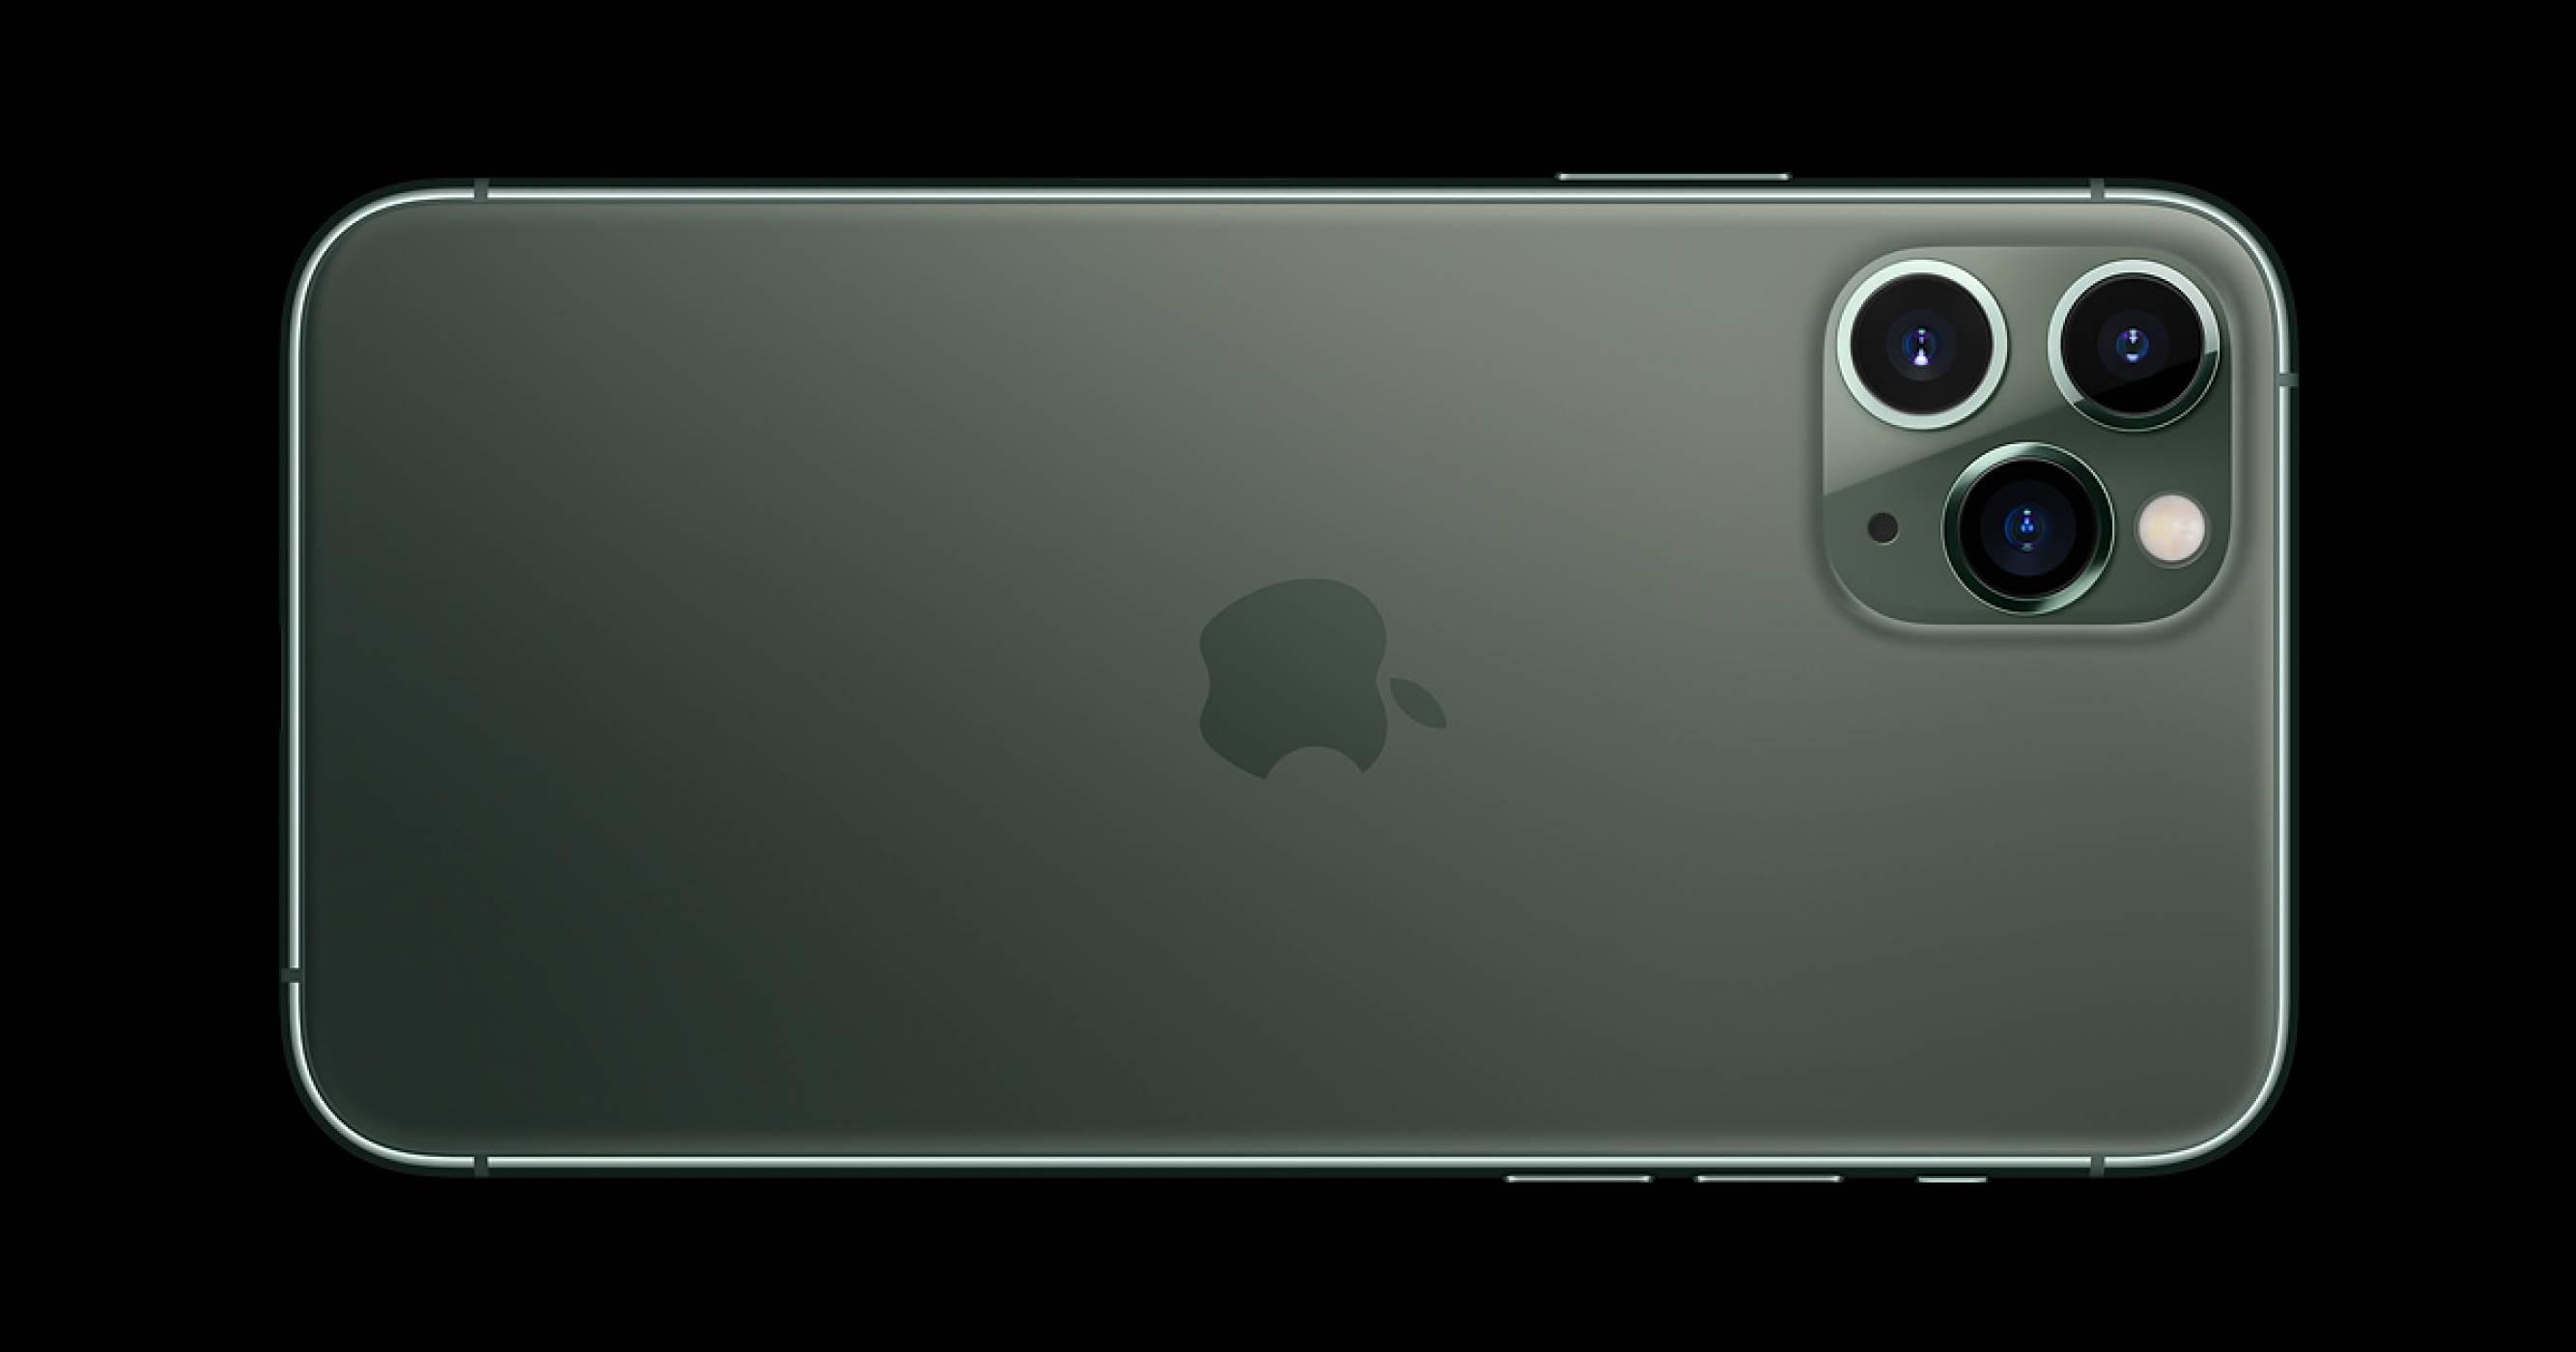 Селфи камерата на iPhone 11 Pro Max се промъкна в престижна класация